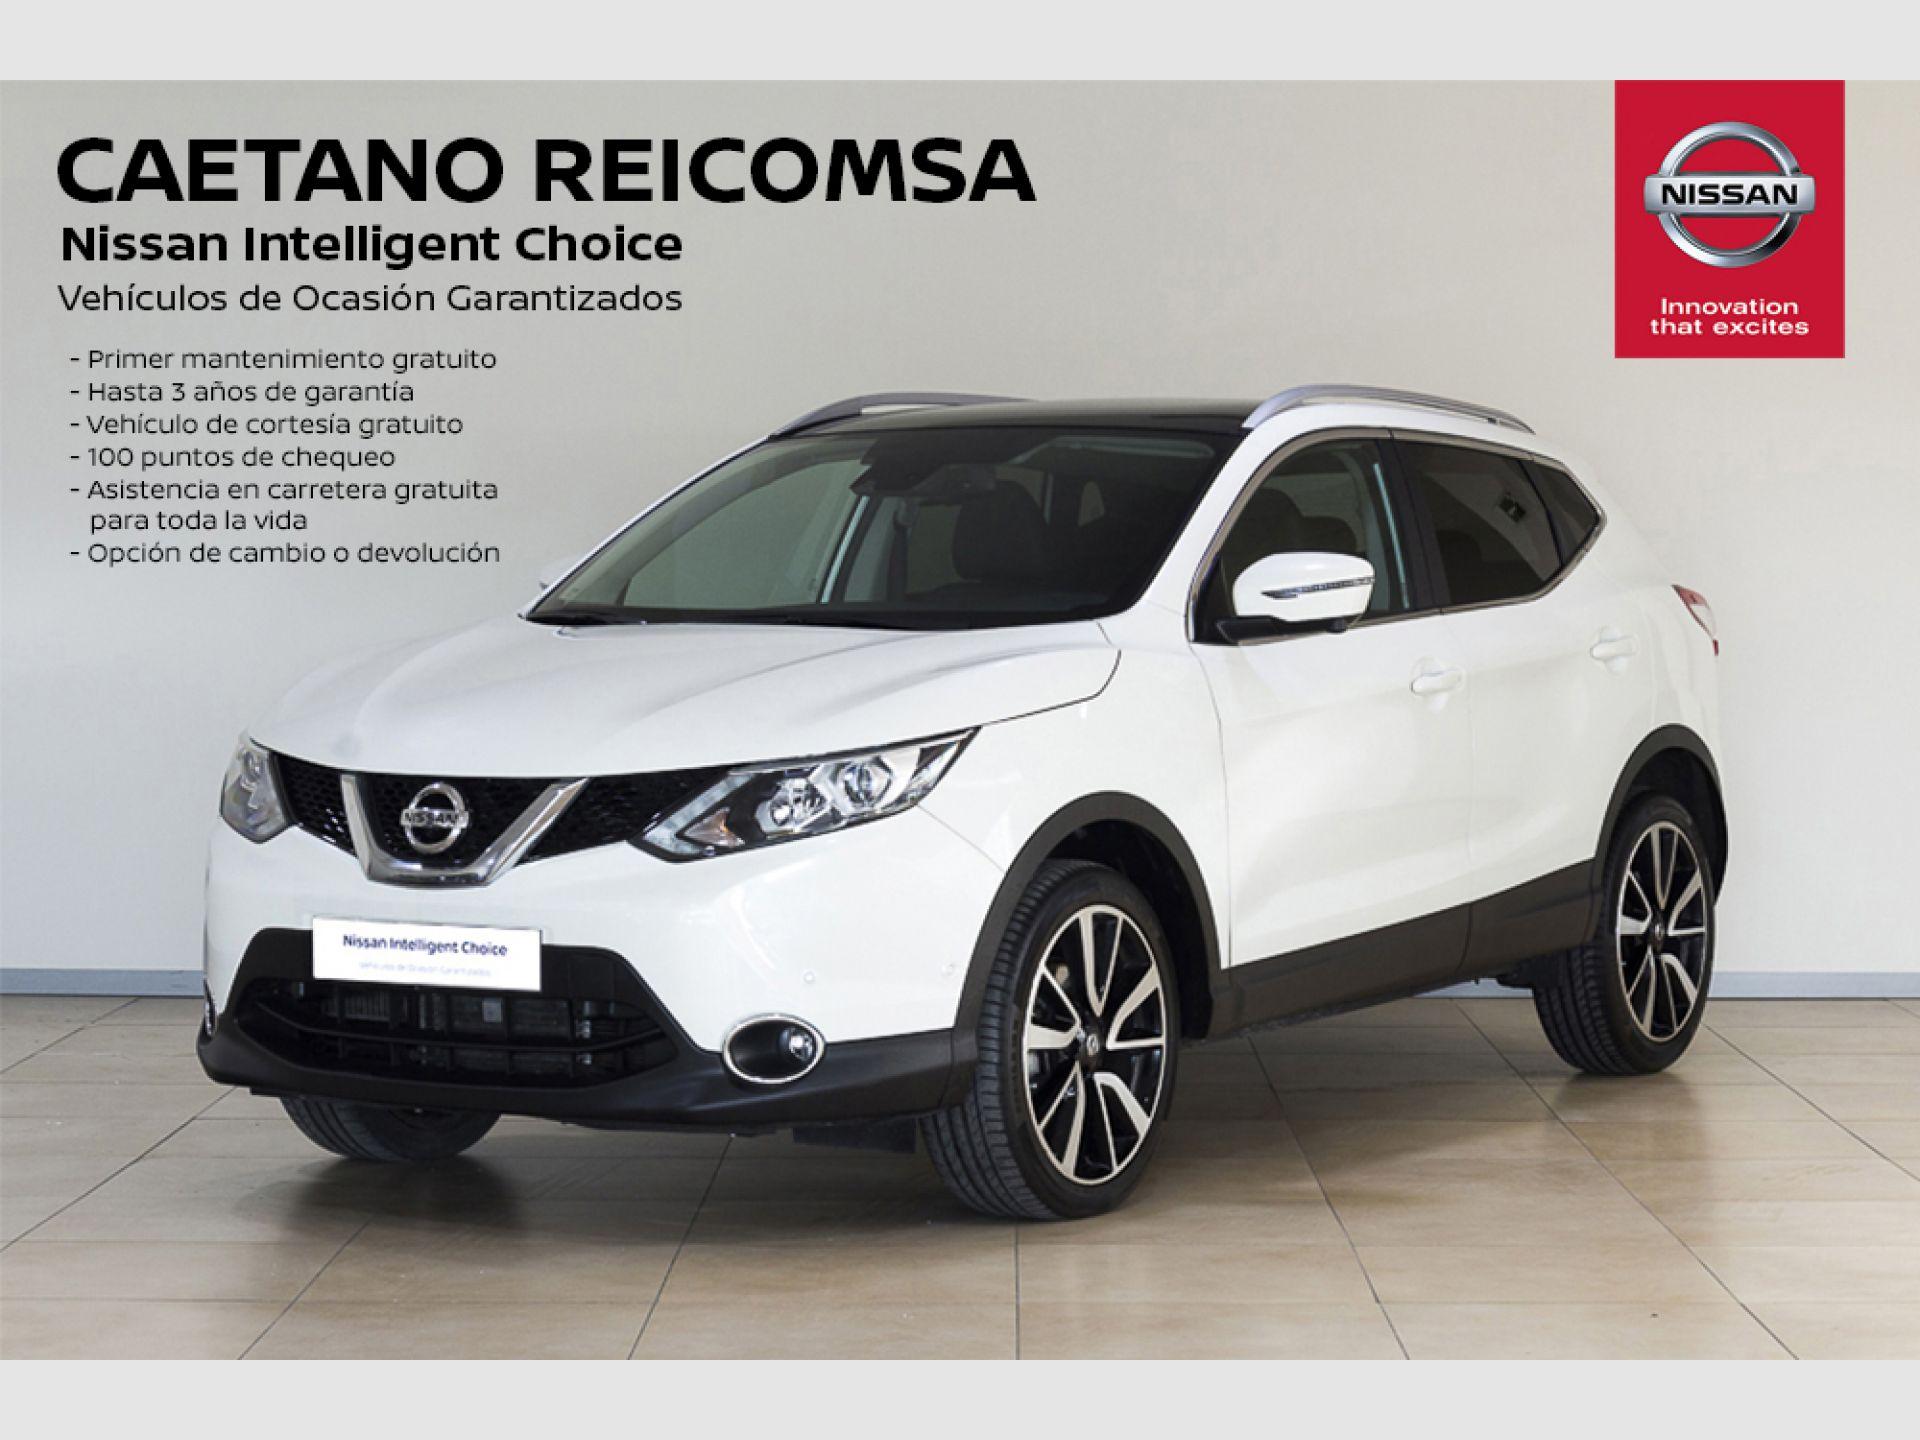 Nissan Qashqai 1.5dCi S&S TEKNA PREMIUM 4x2 Piel segunda mano Madrid